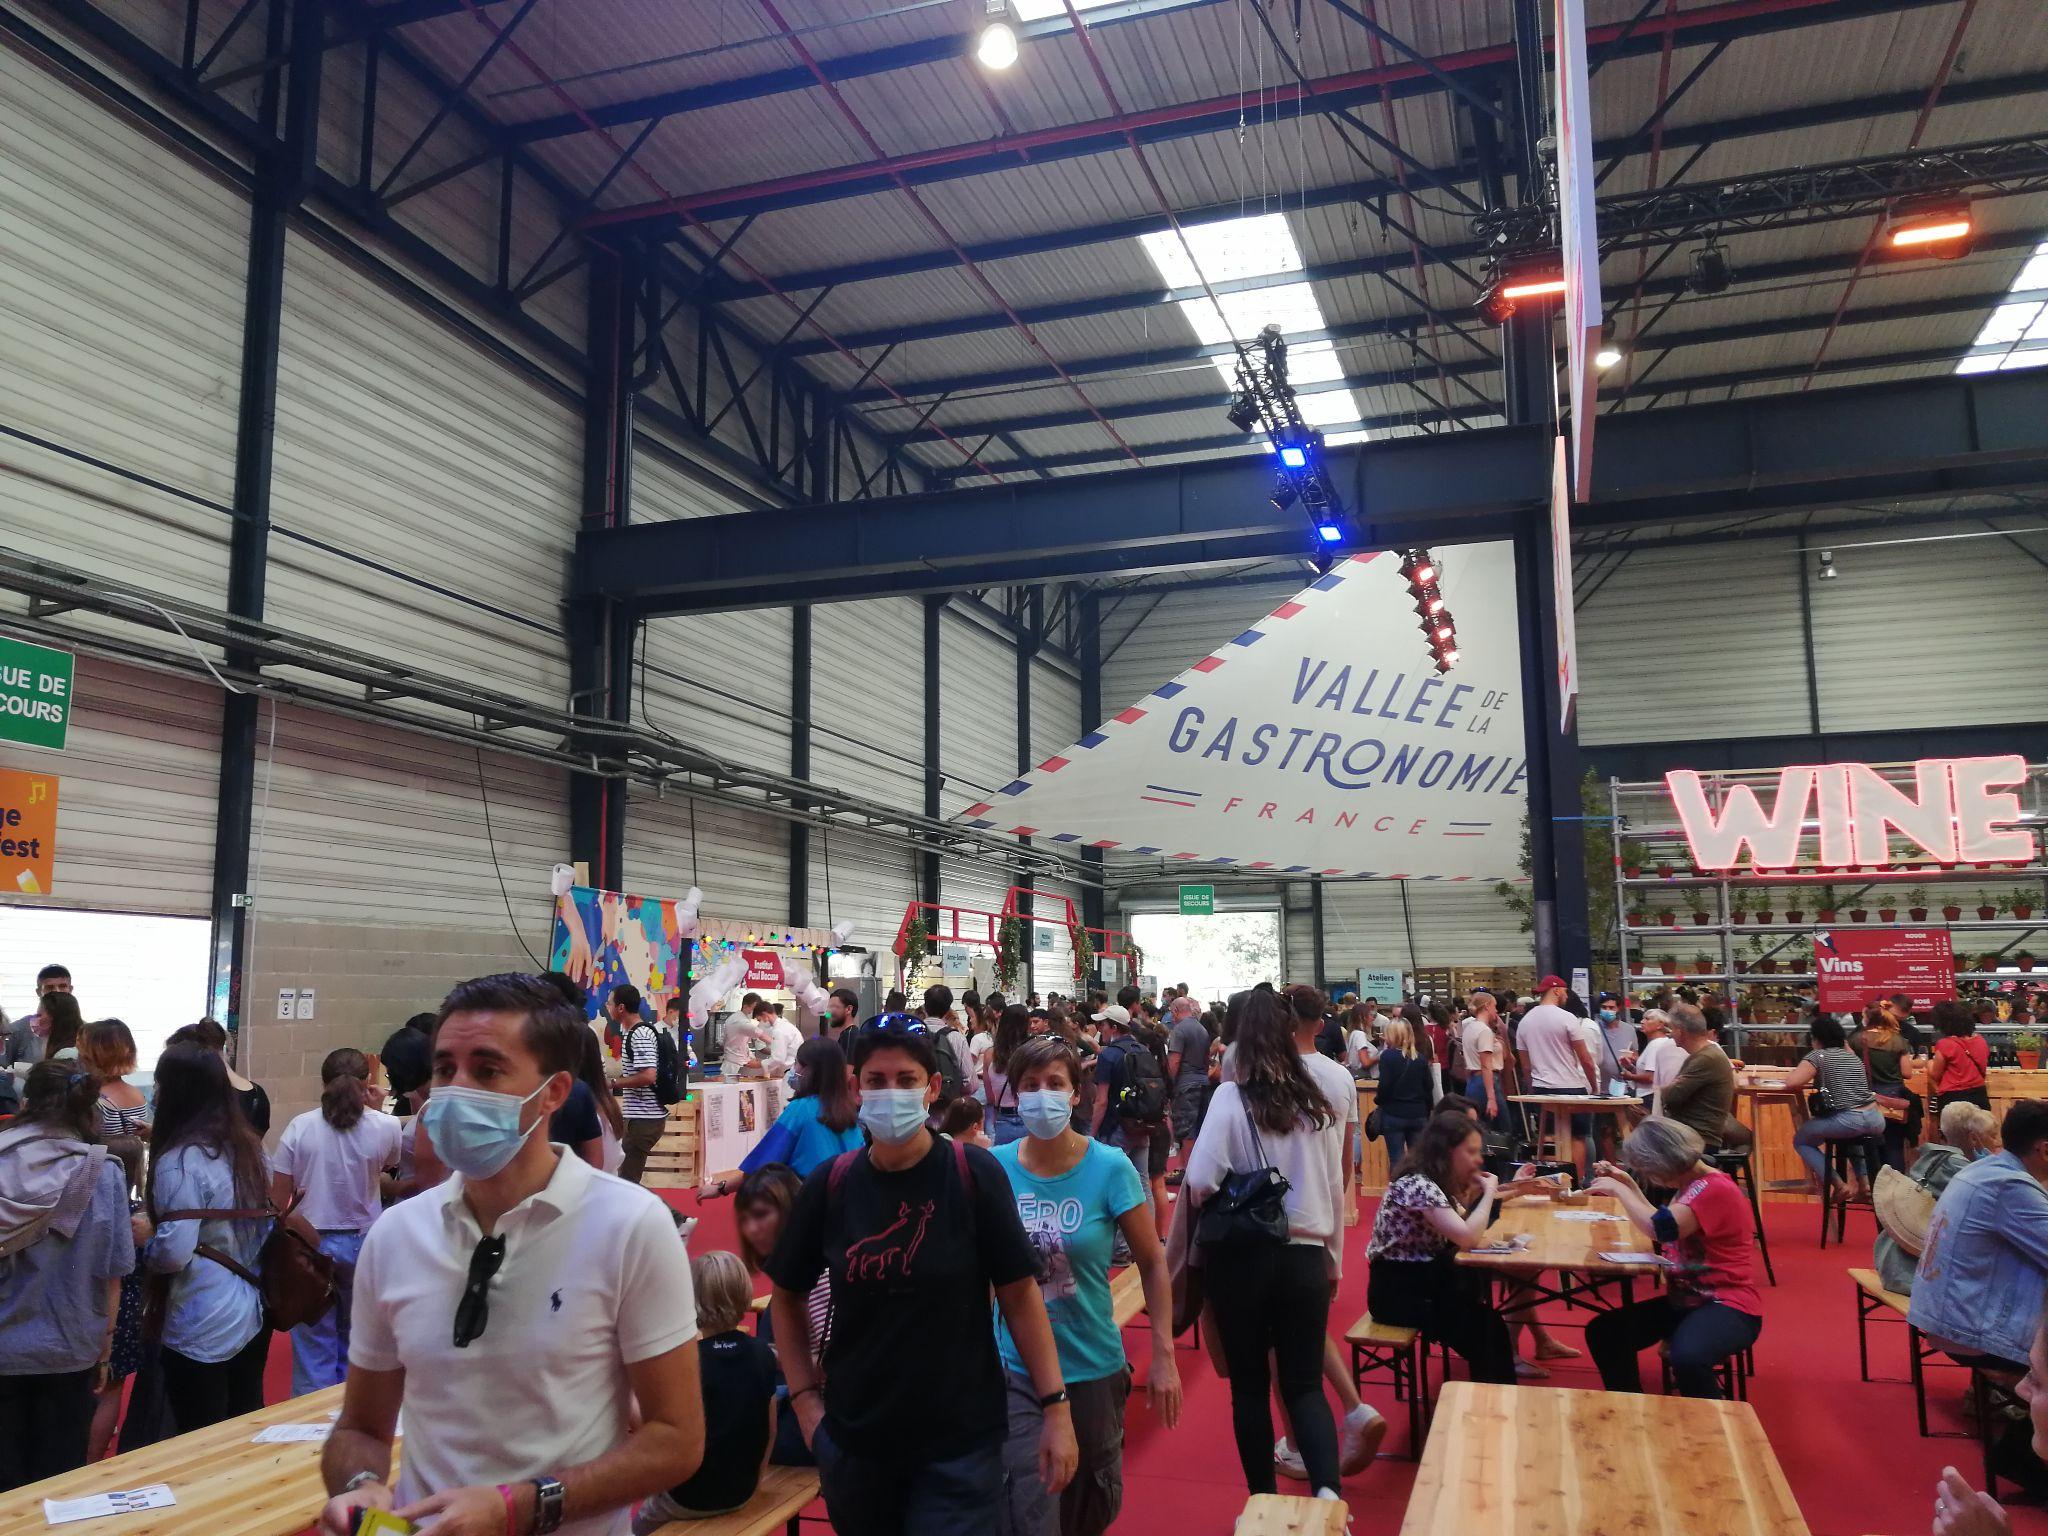 photo prise lors de l'évènement Lyon Street Food Festival 2021. Salle principale avec des participants et des stand de nourriture.